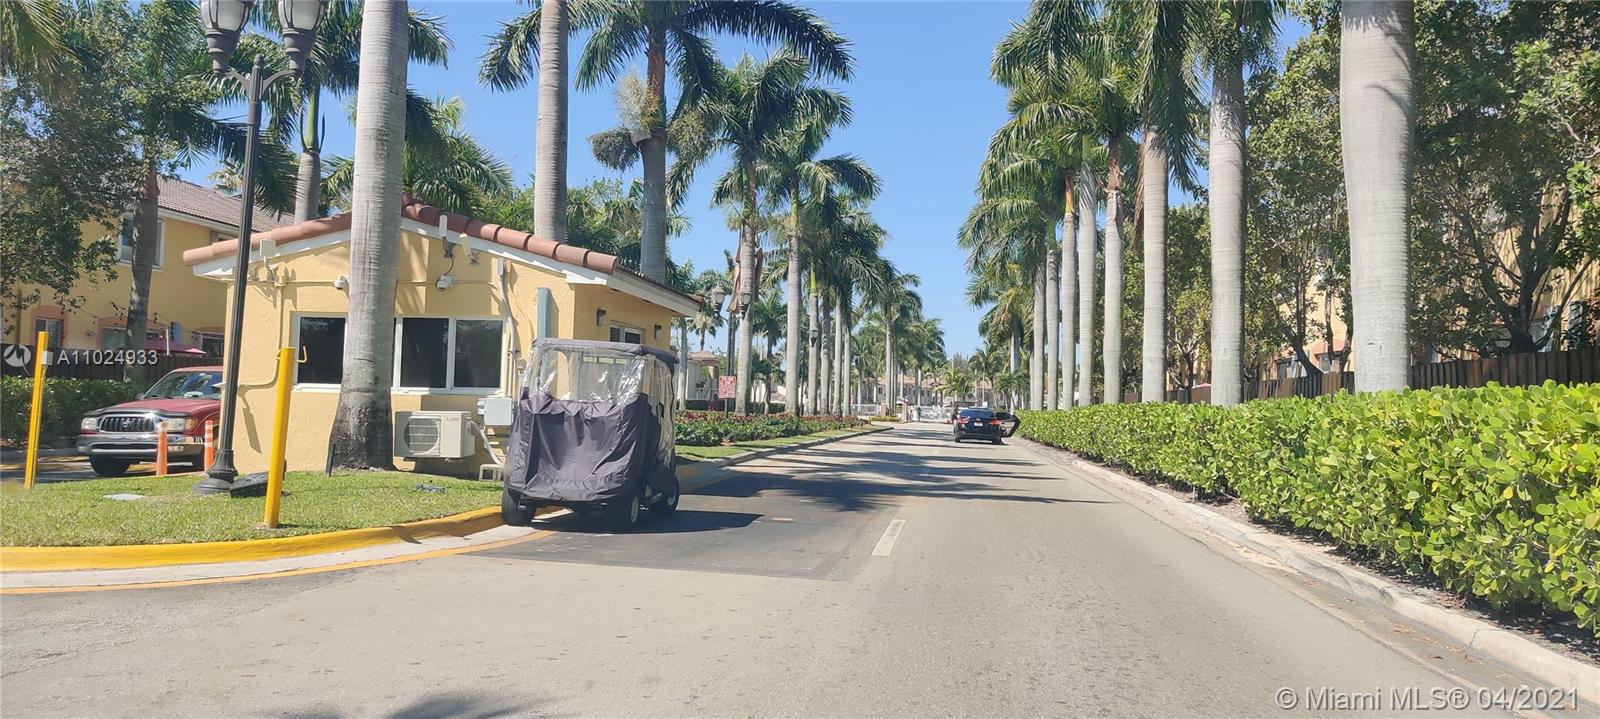 2731 Se 17th Ave #102 Property Photo